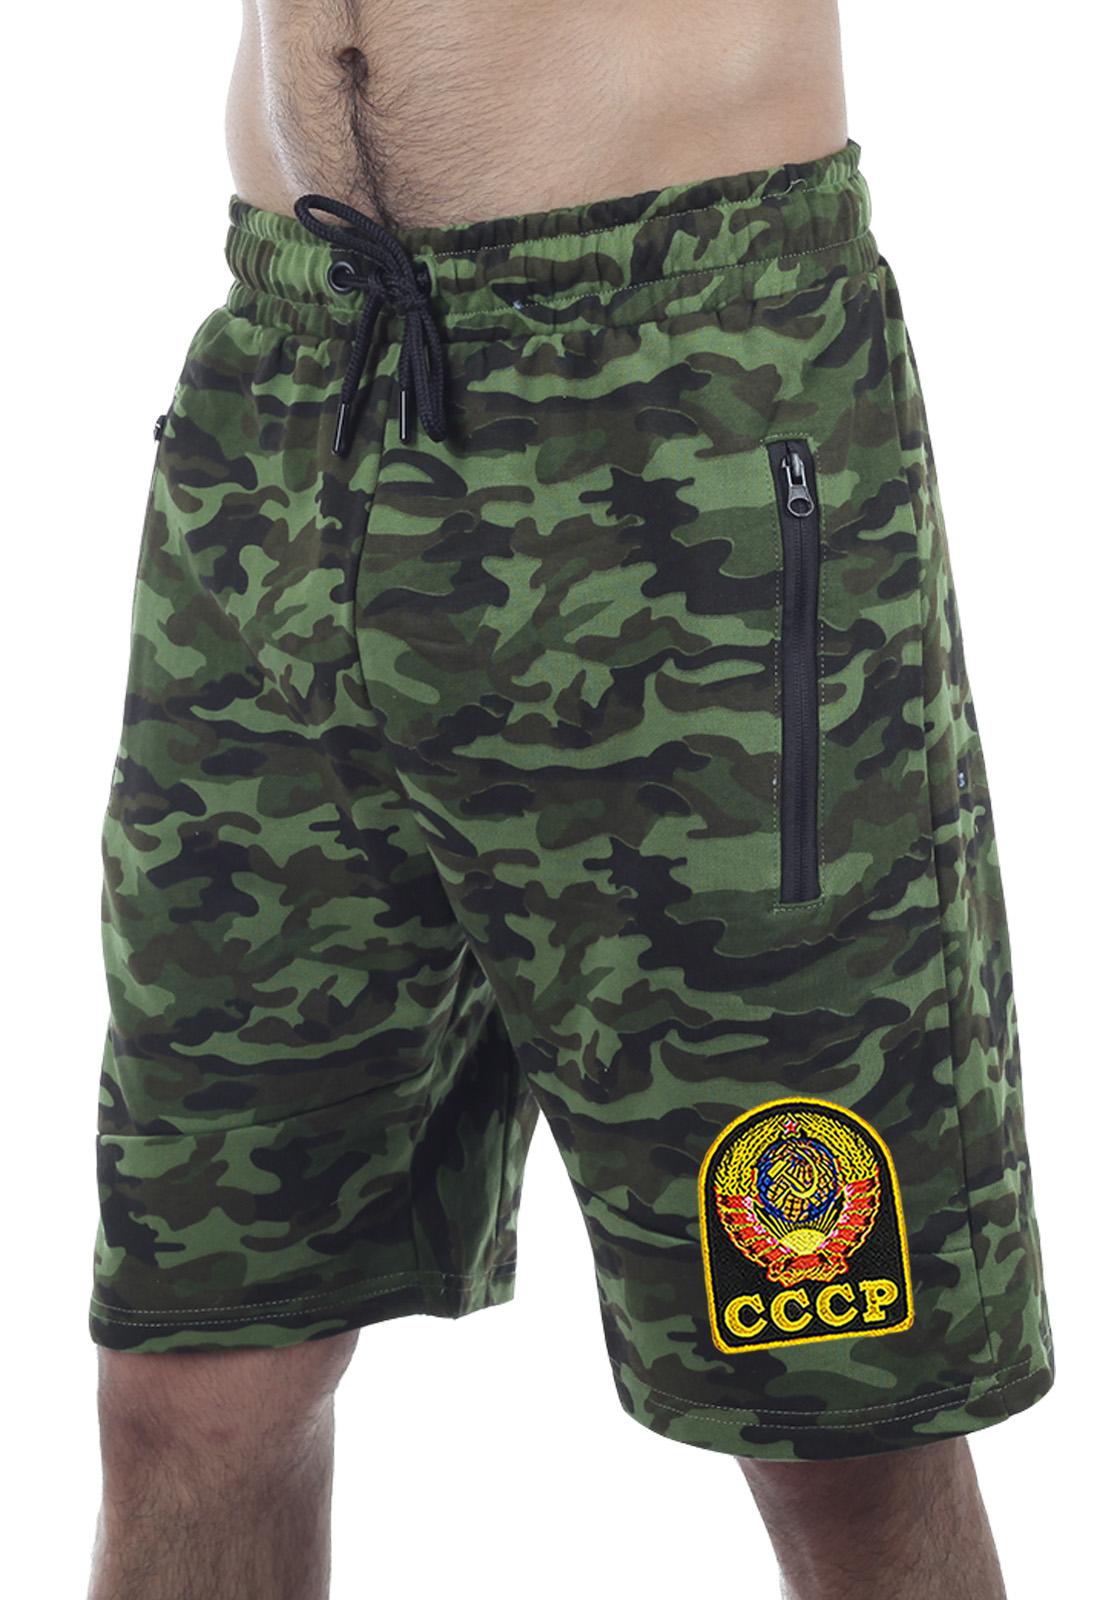 Купить темно-зеленые шорты удлиненного фасона с карманами и нашивкой СССР онлайн оптом